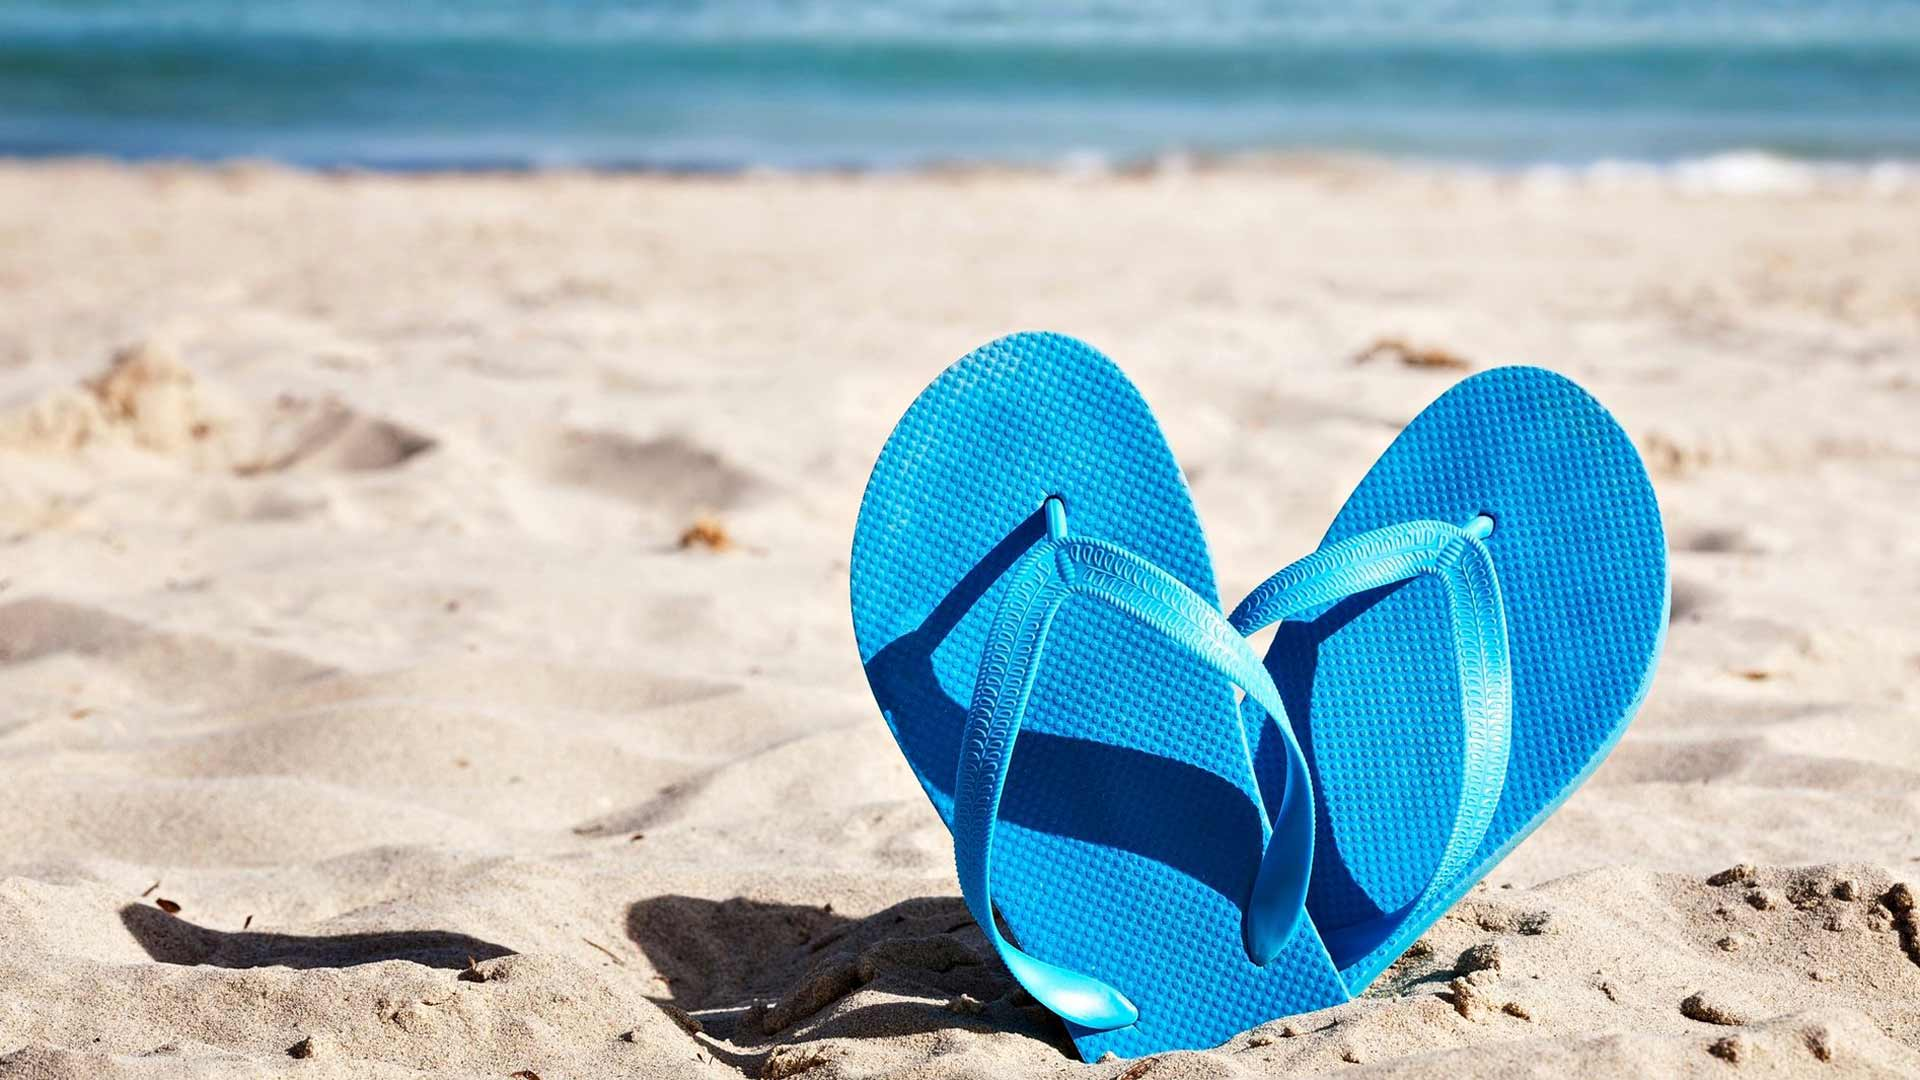 Varvassandaleissa varpaat joutuvat kannattelemaan kenkää, mikä altistaa vasaravarpaille.